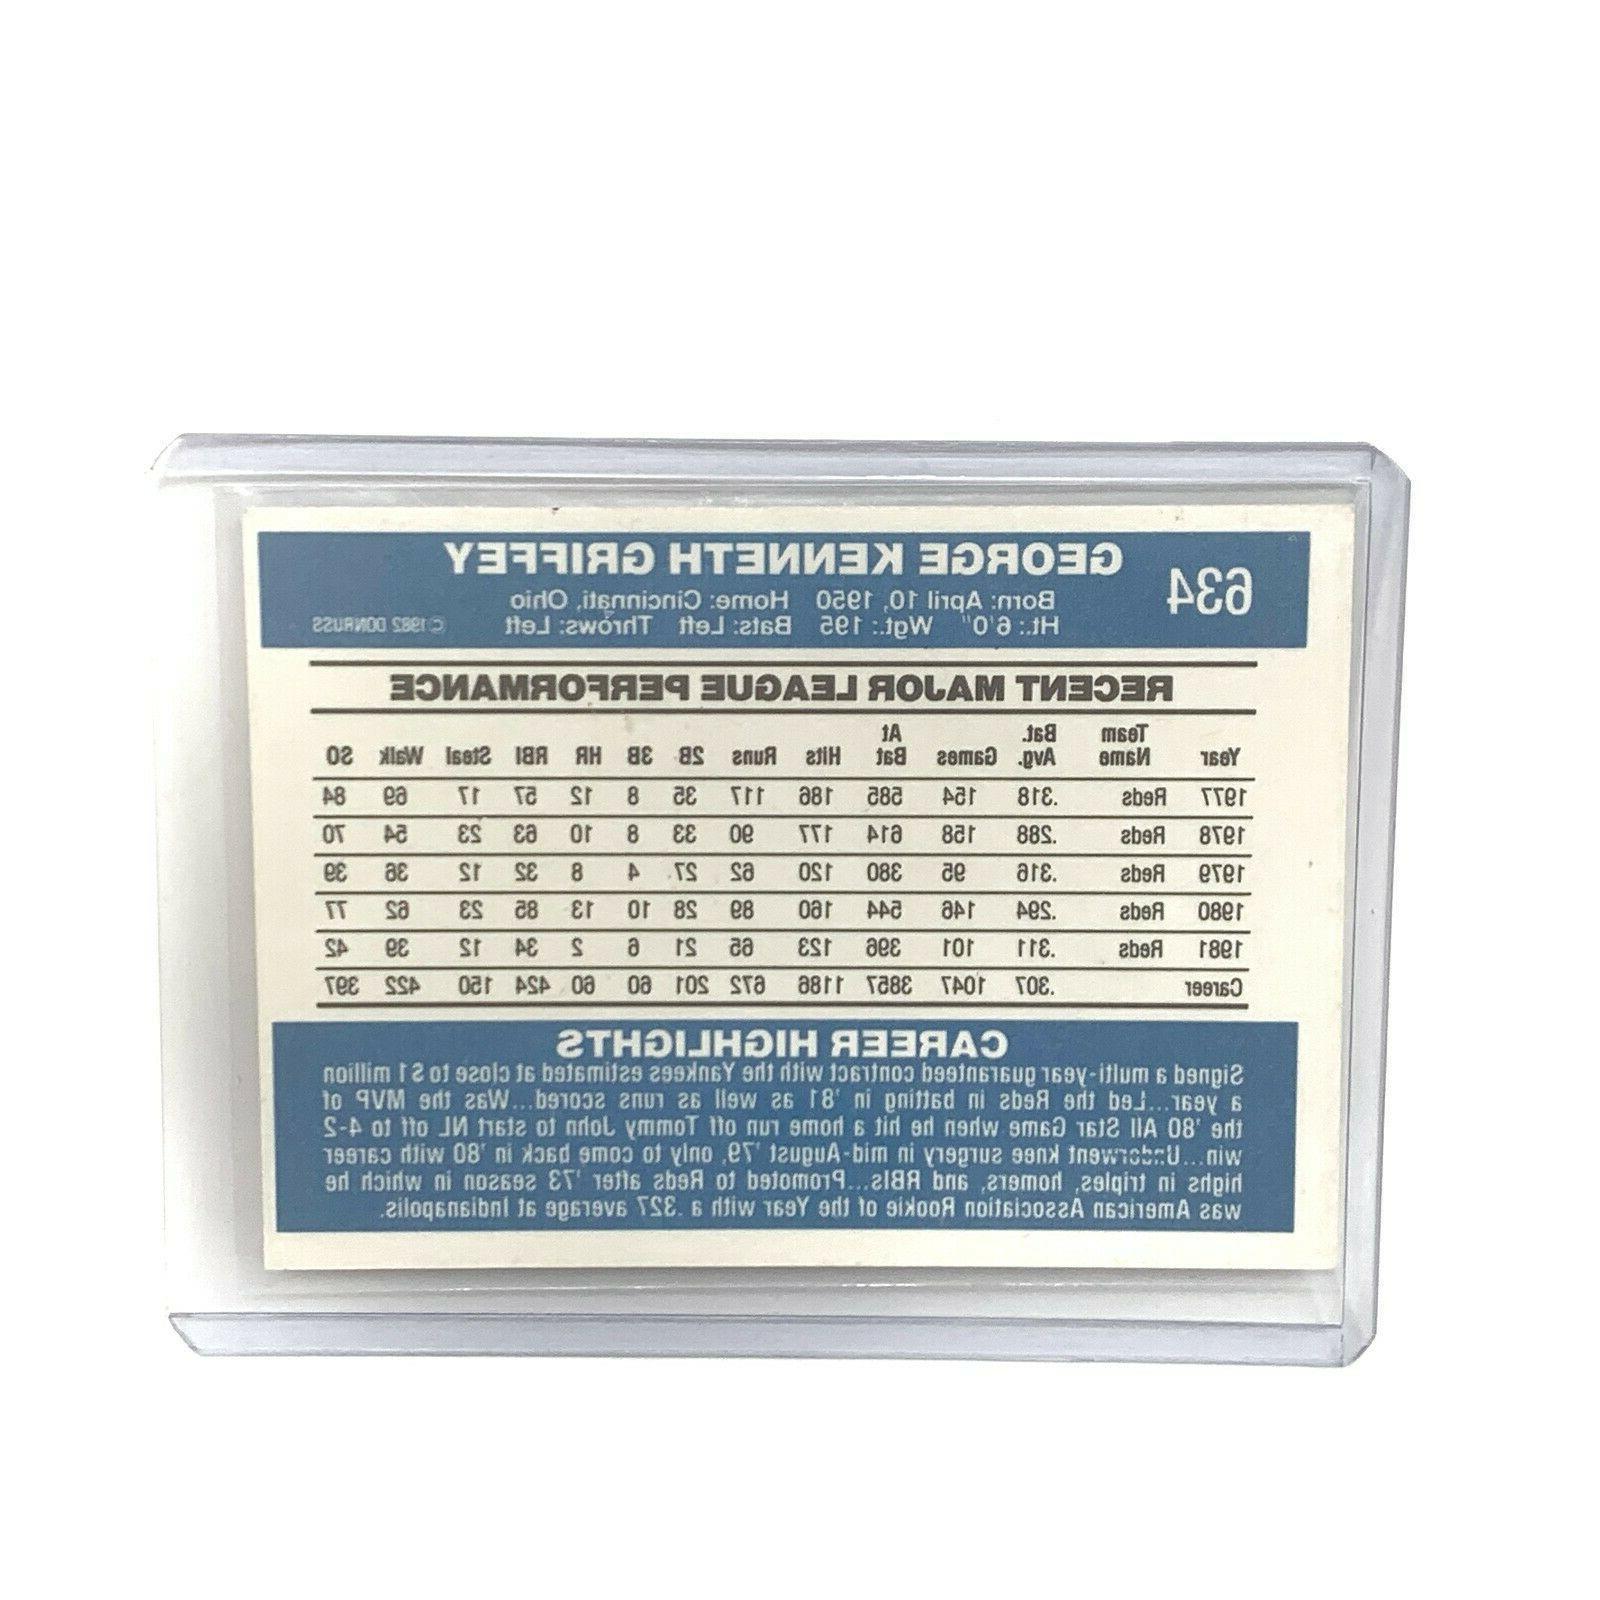 George Ken Reds 1982 Card in Sleeve